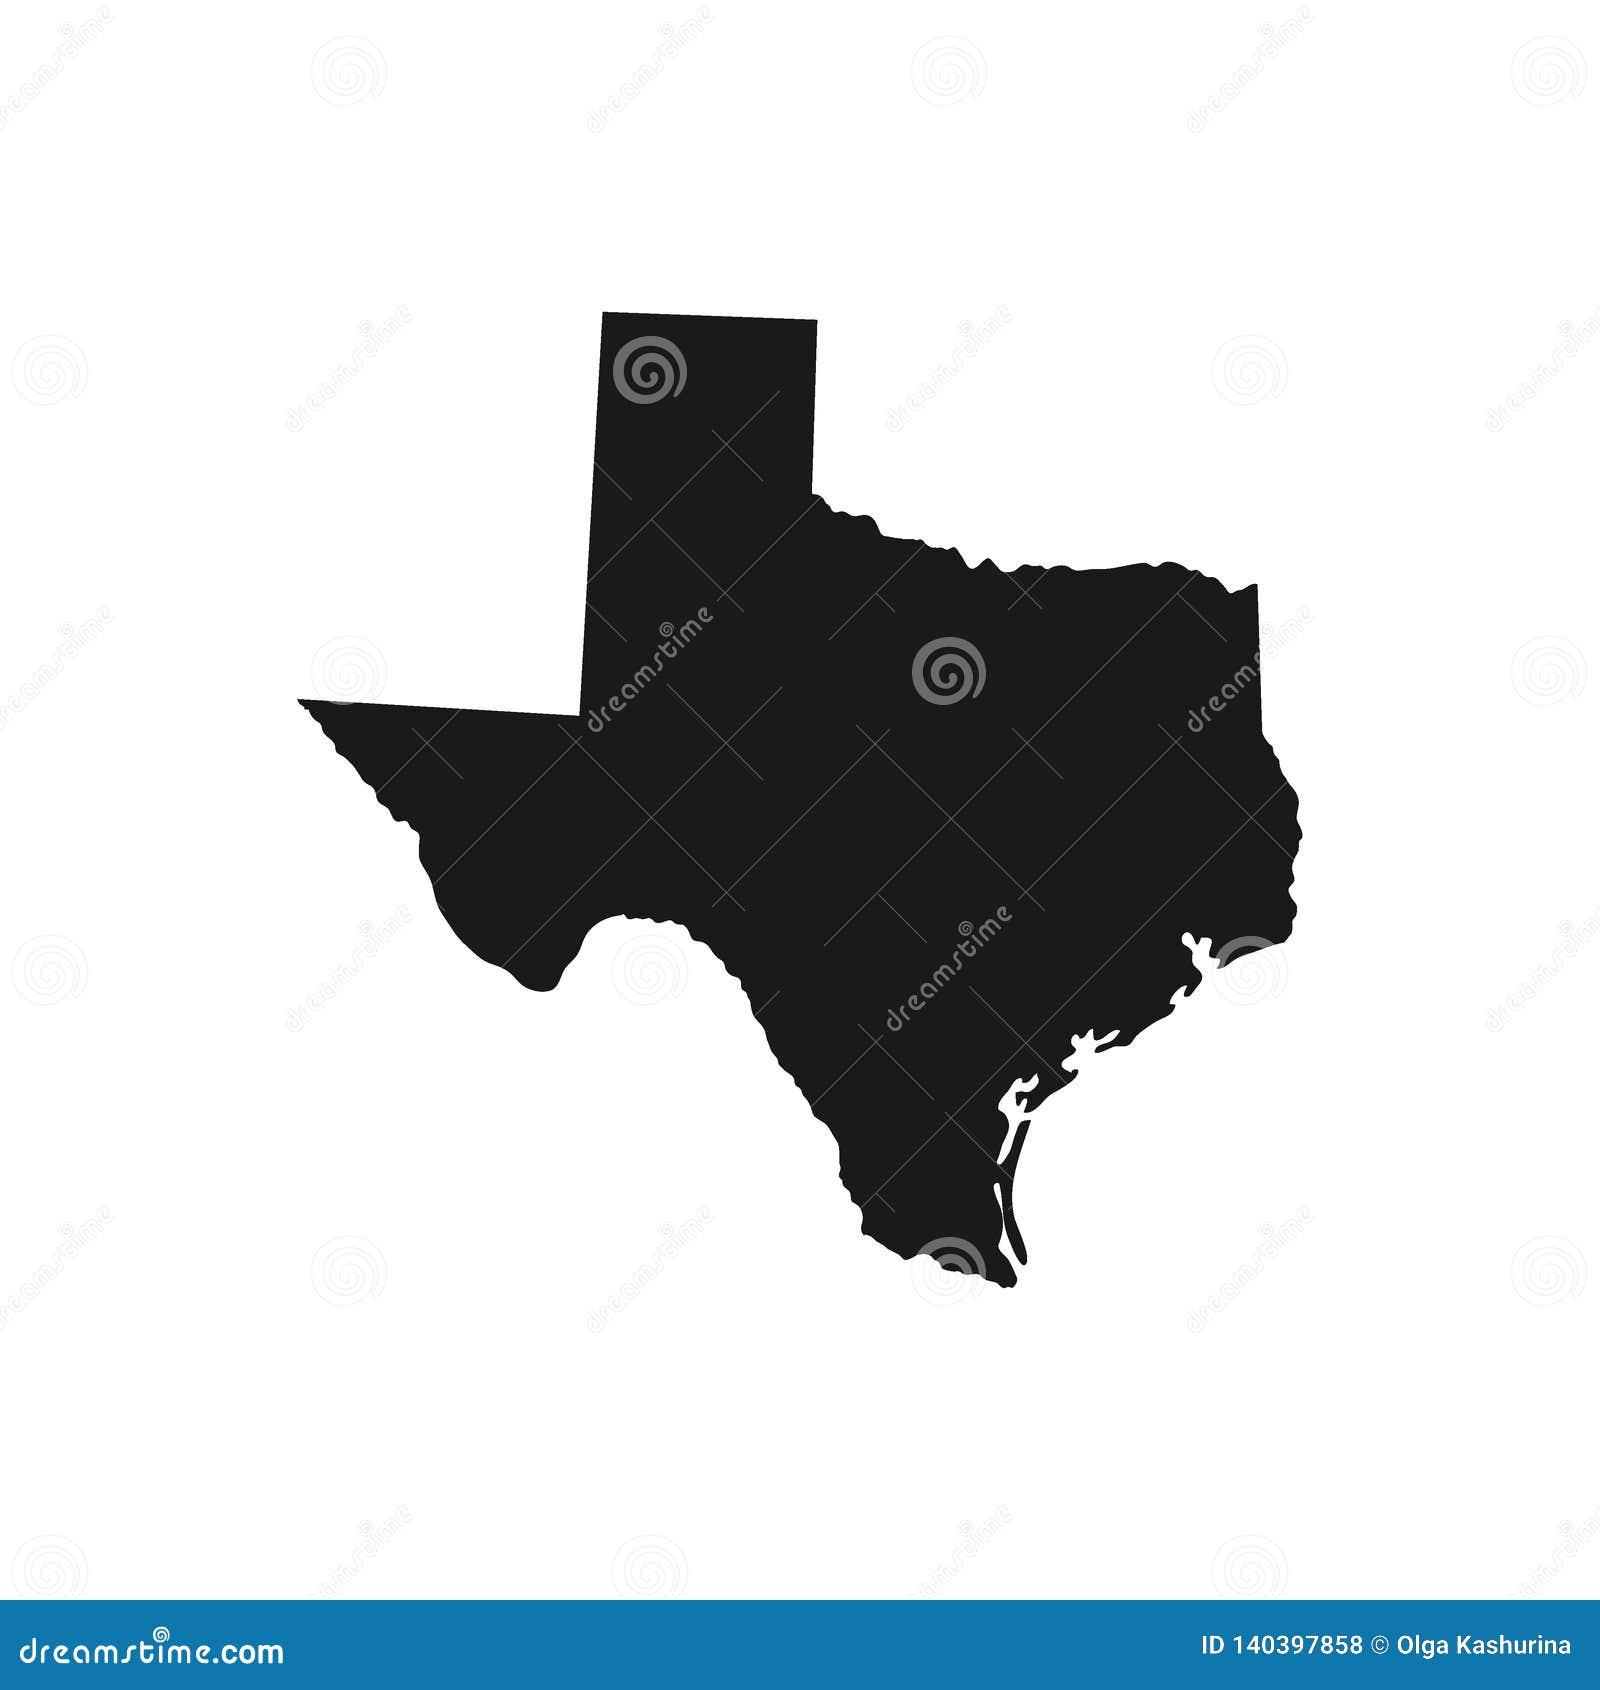 Texas tillstånd av USA - fast svart konturöversikt av landsområde